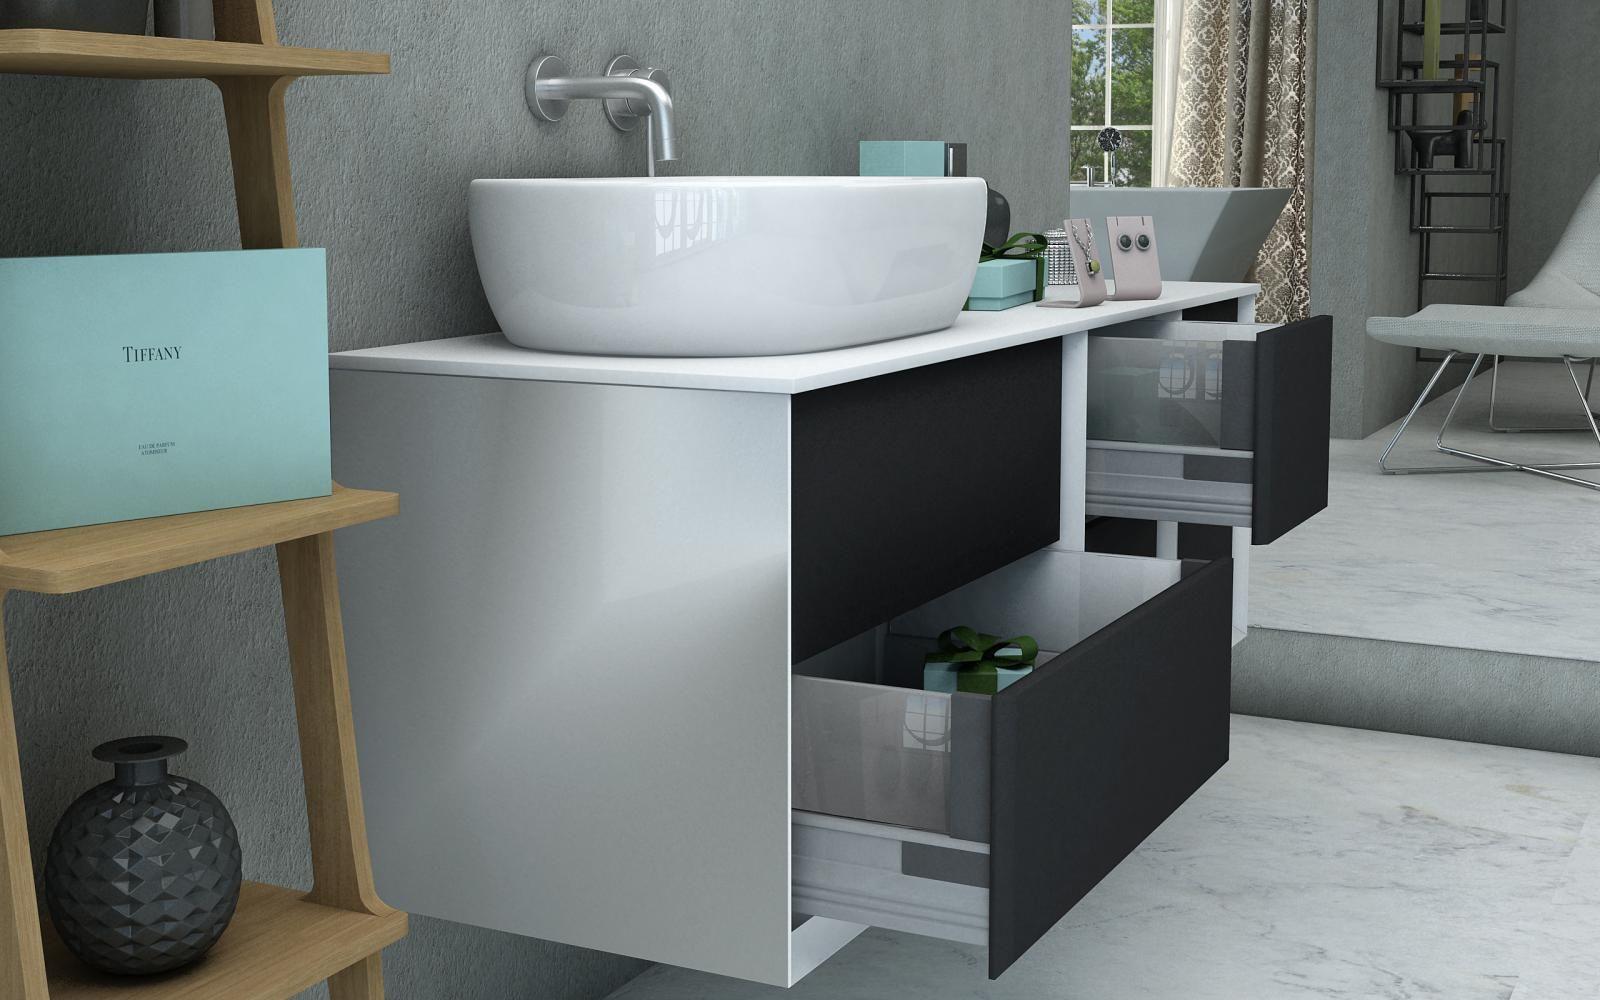 Mobile da bagno best con topo in legno mdf o in pietra for Mobile da bagno